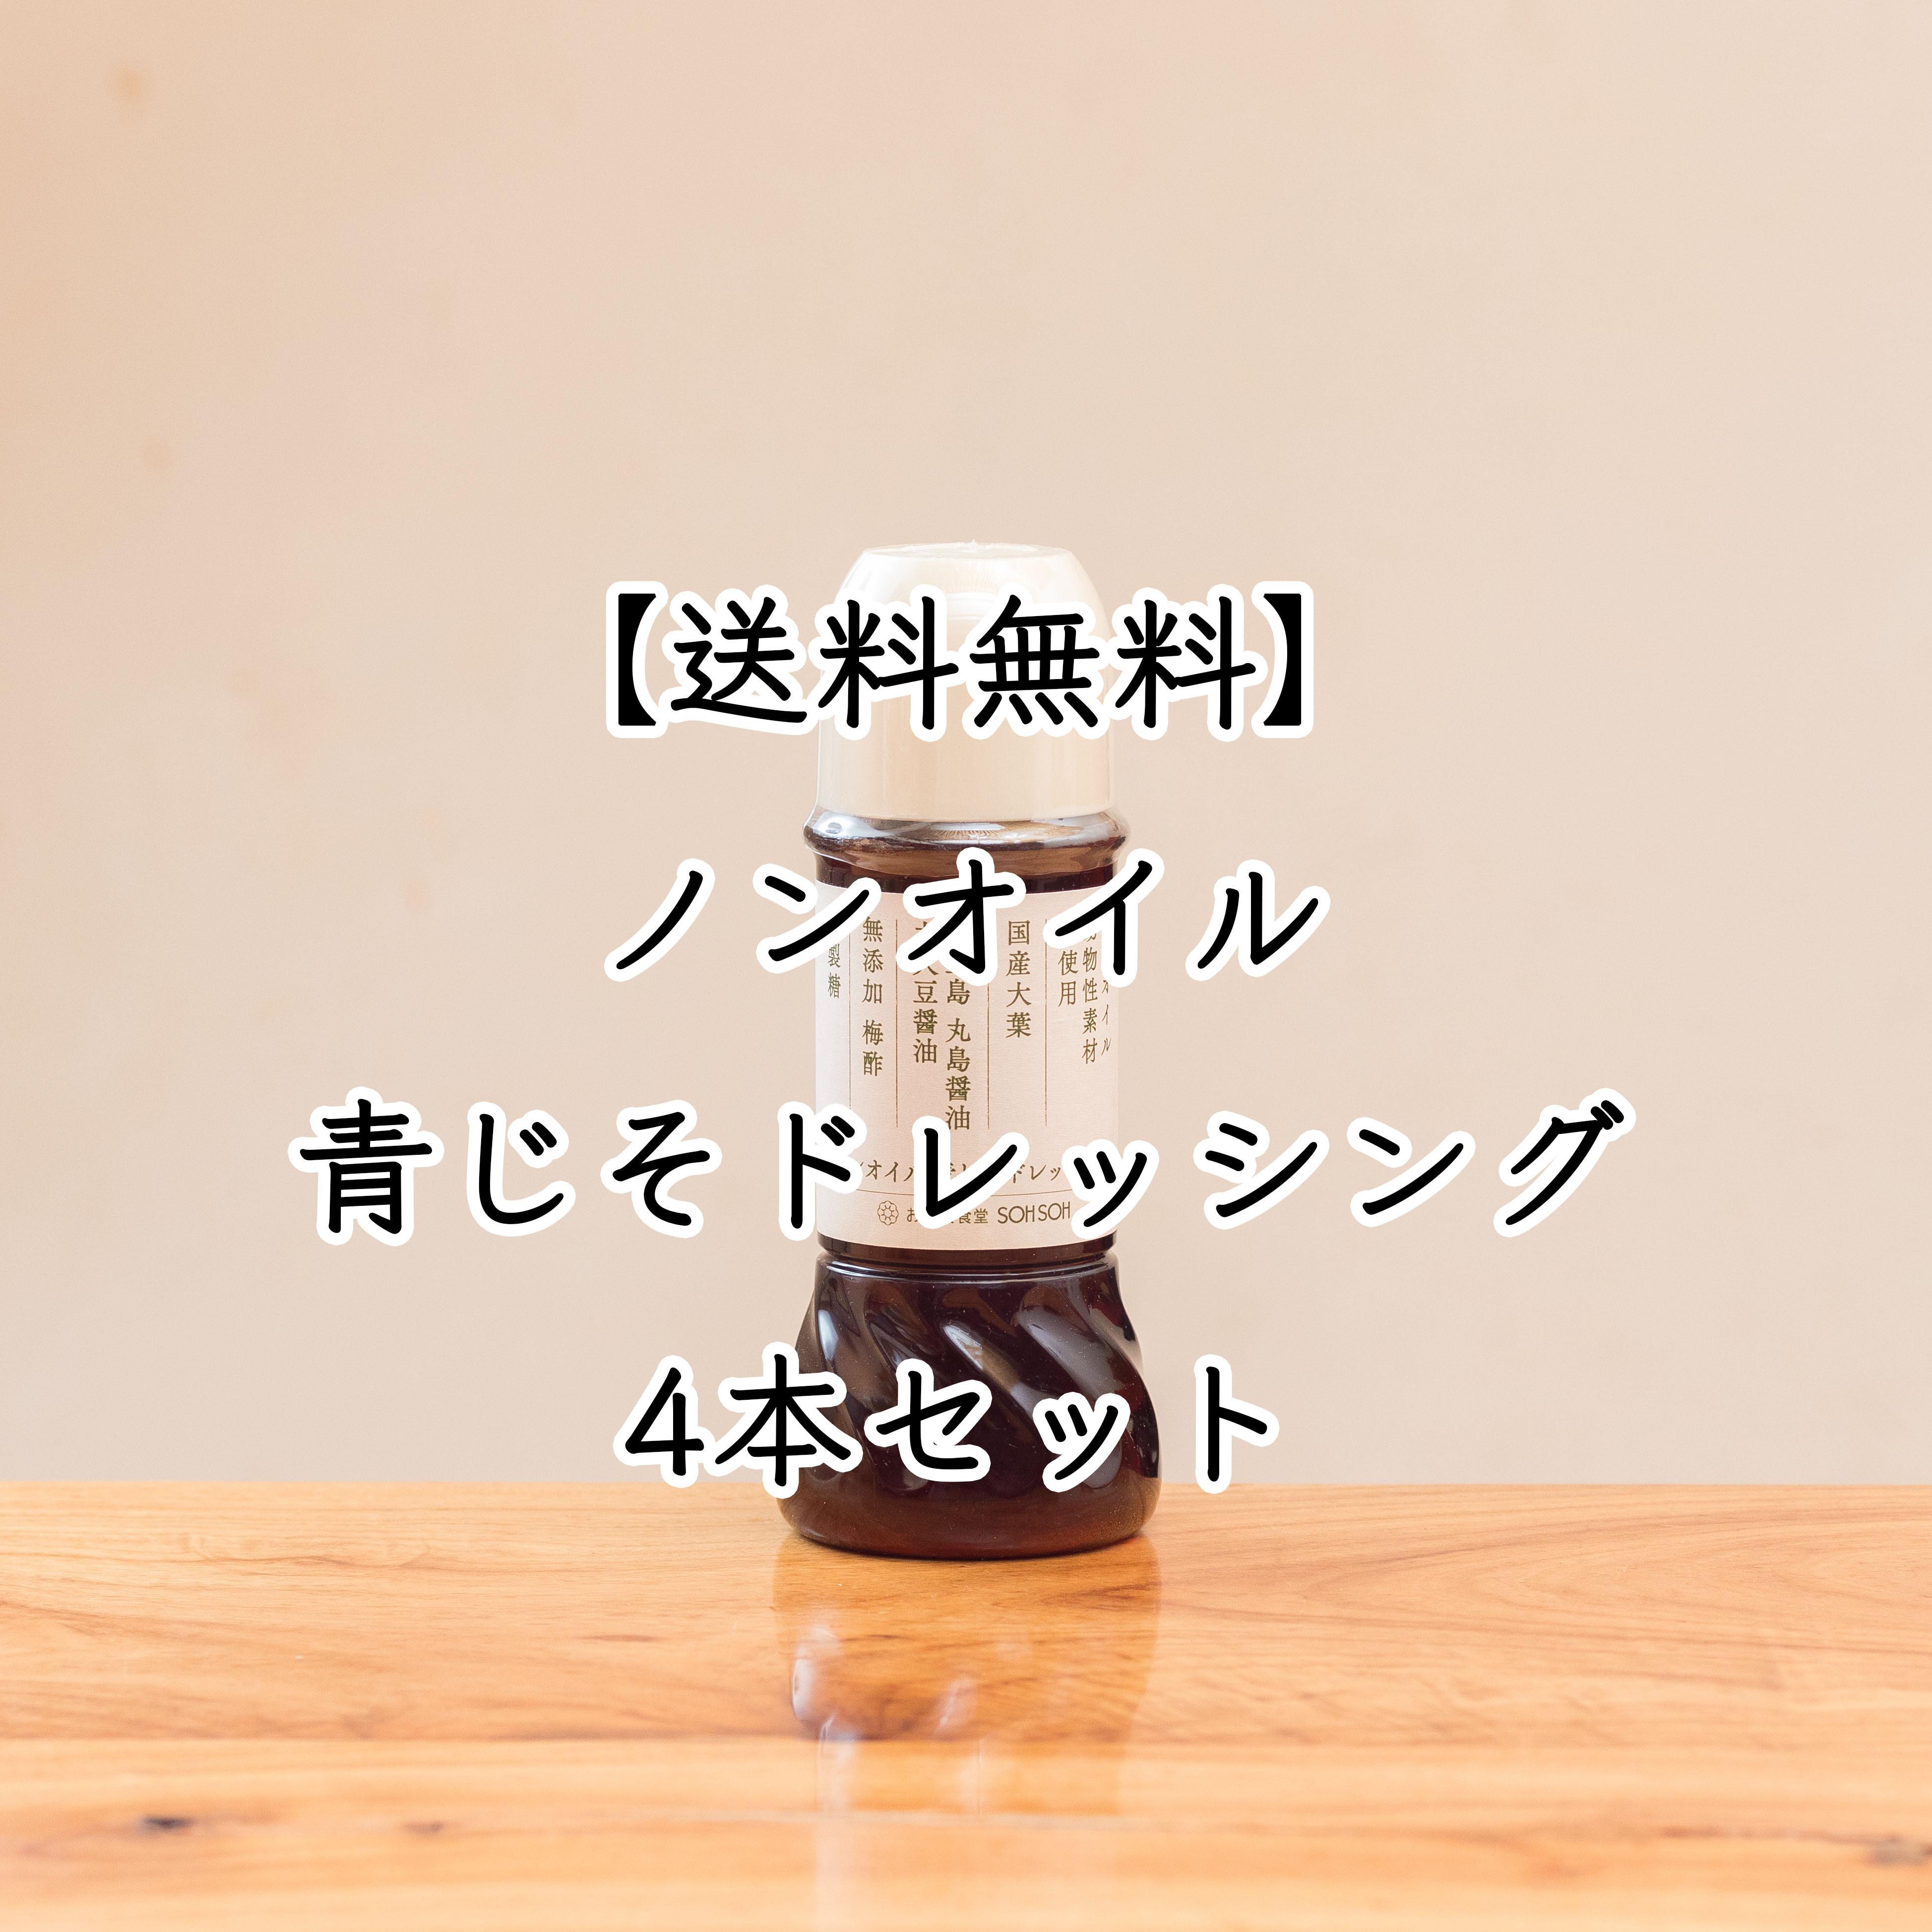 【送料無料】ノンオイル青じそドレッシング